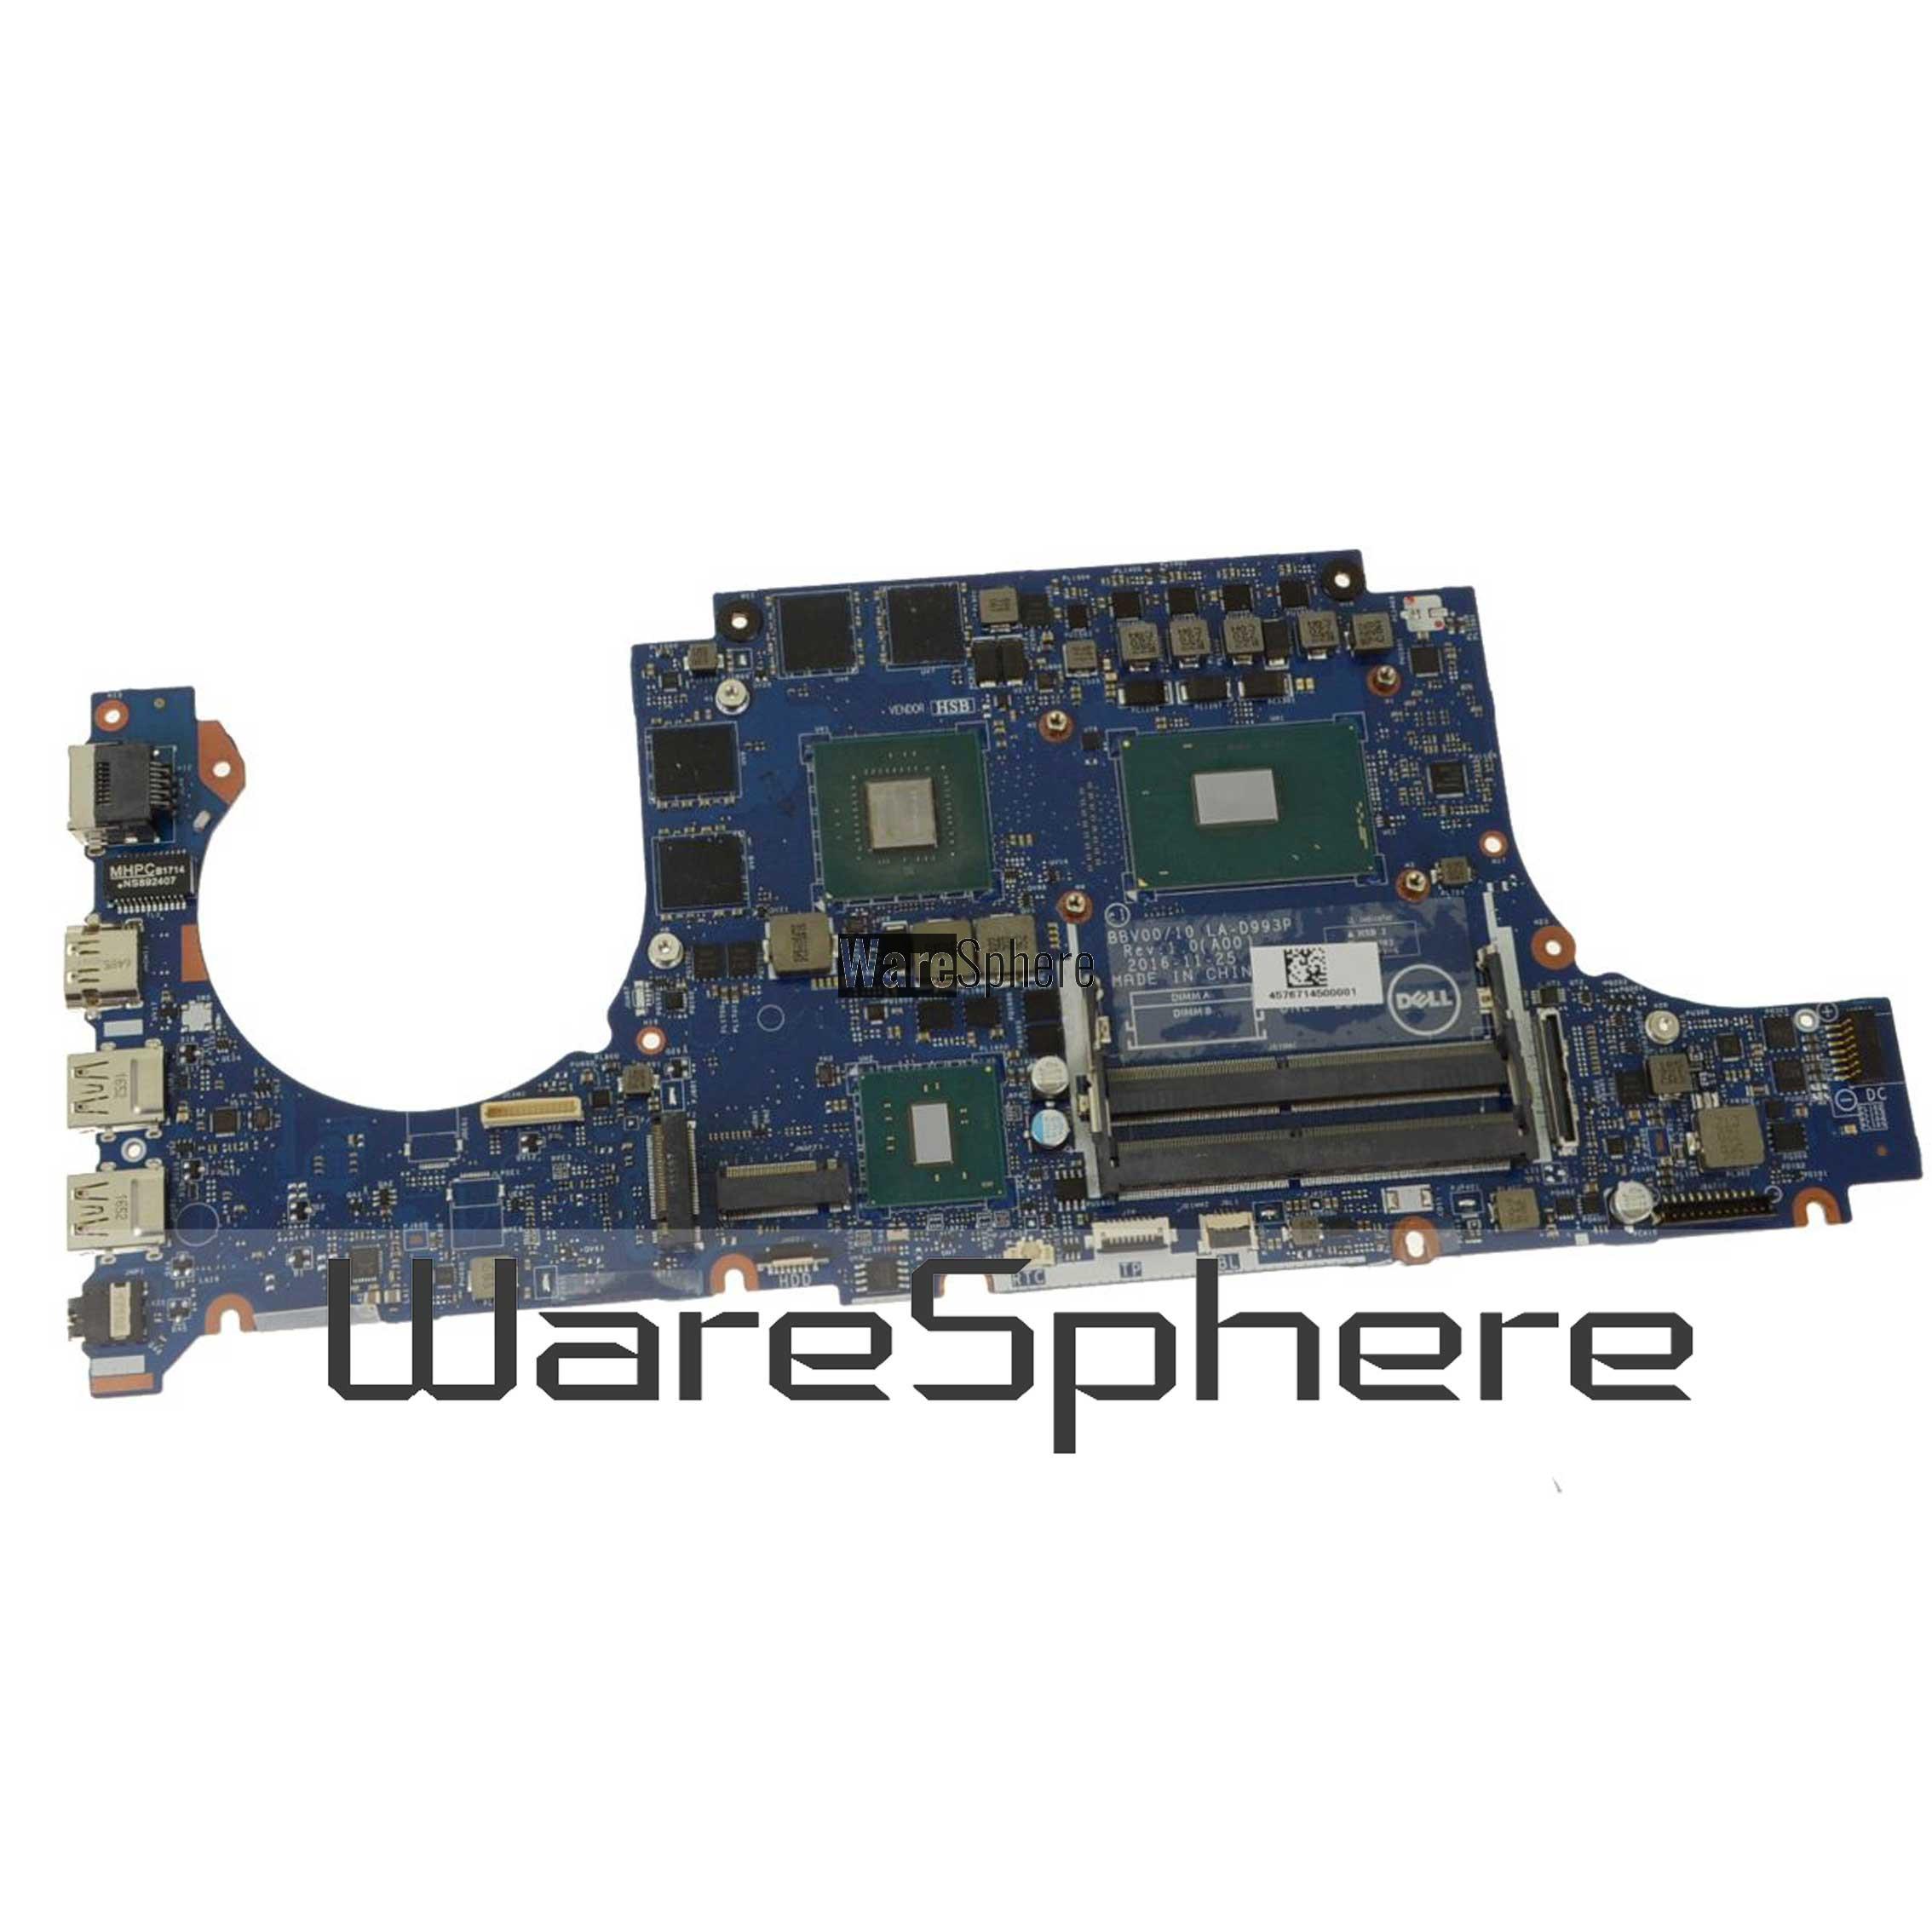 Motherboard Intel i7-7700HQ For Dell Inspiron 15 7567 P84C9 0P84C9 LA-D993P